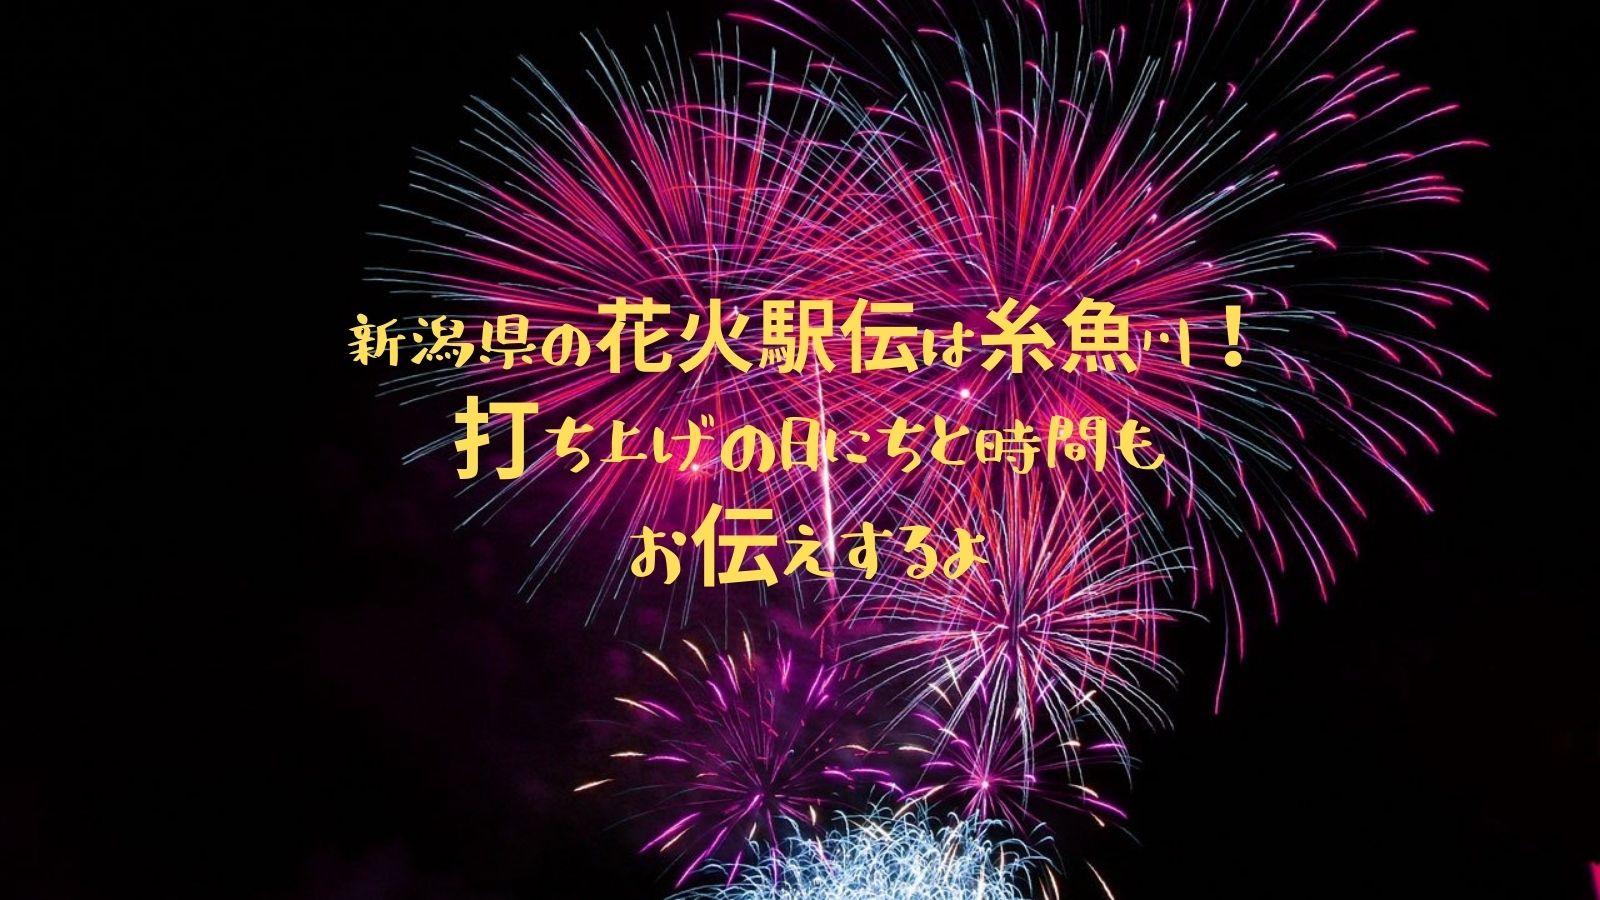 新潟県 花火駅伝 糸魚川